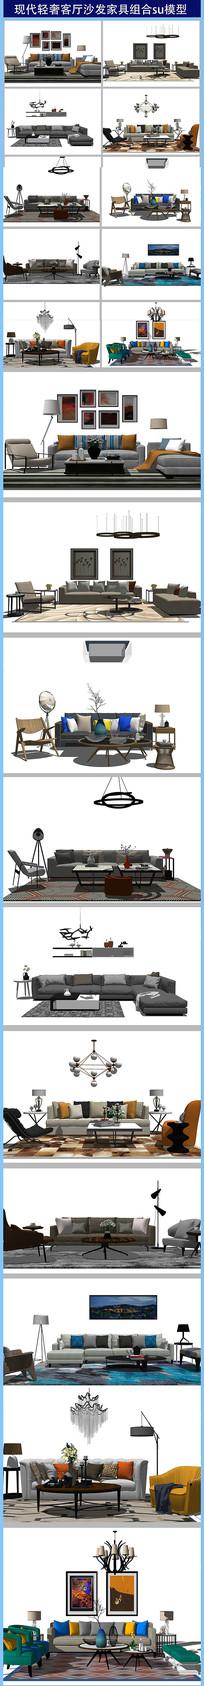 现代轻奢客厅沙发家具su